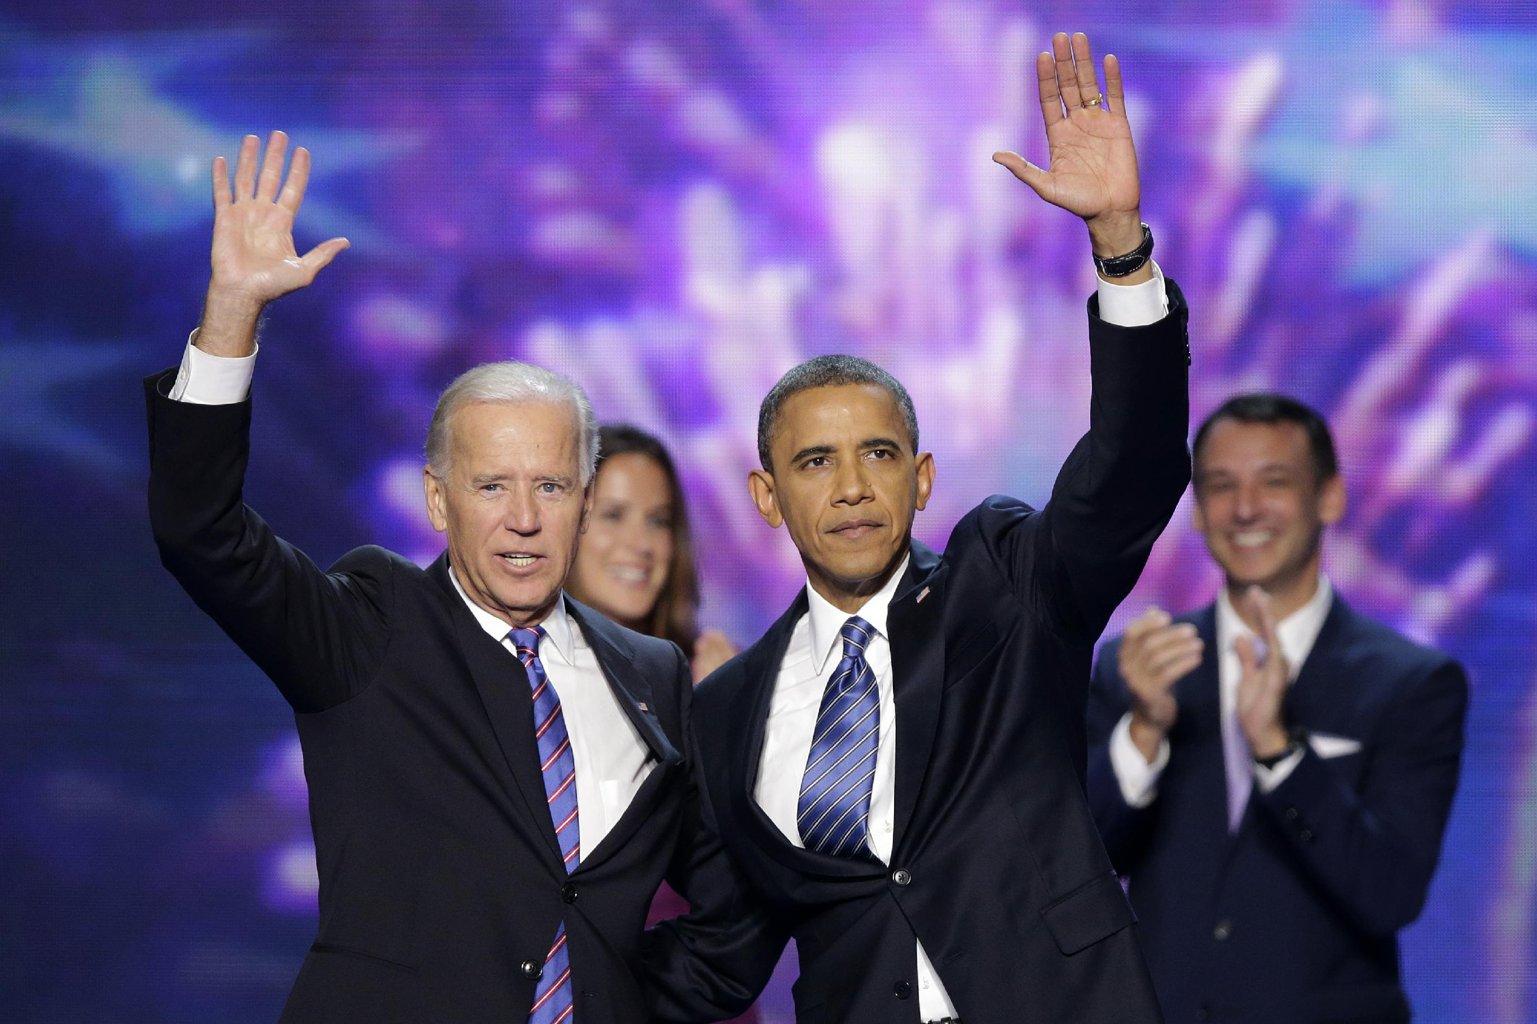 http://1.bp.blogspot.com/-7nOo2wvAT2s/UEn2gCKZVCI/AAAAAAAARe8/Er6aJw-hDfI/s1600/obama-biden.jpg